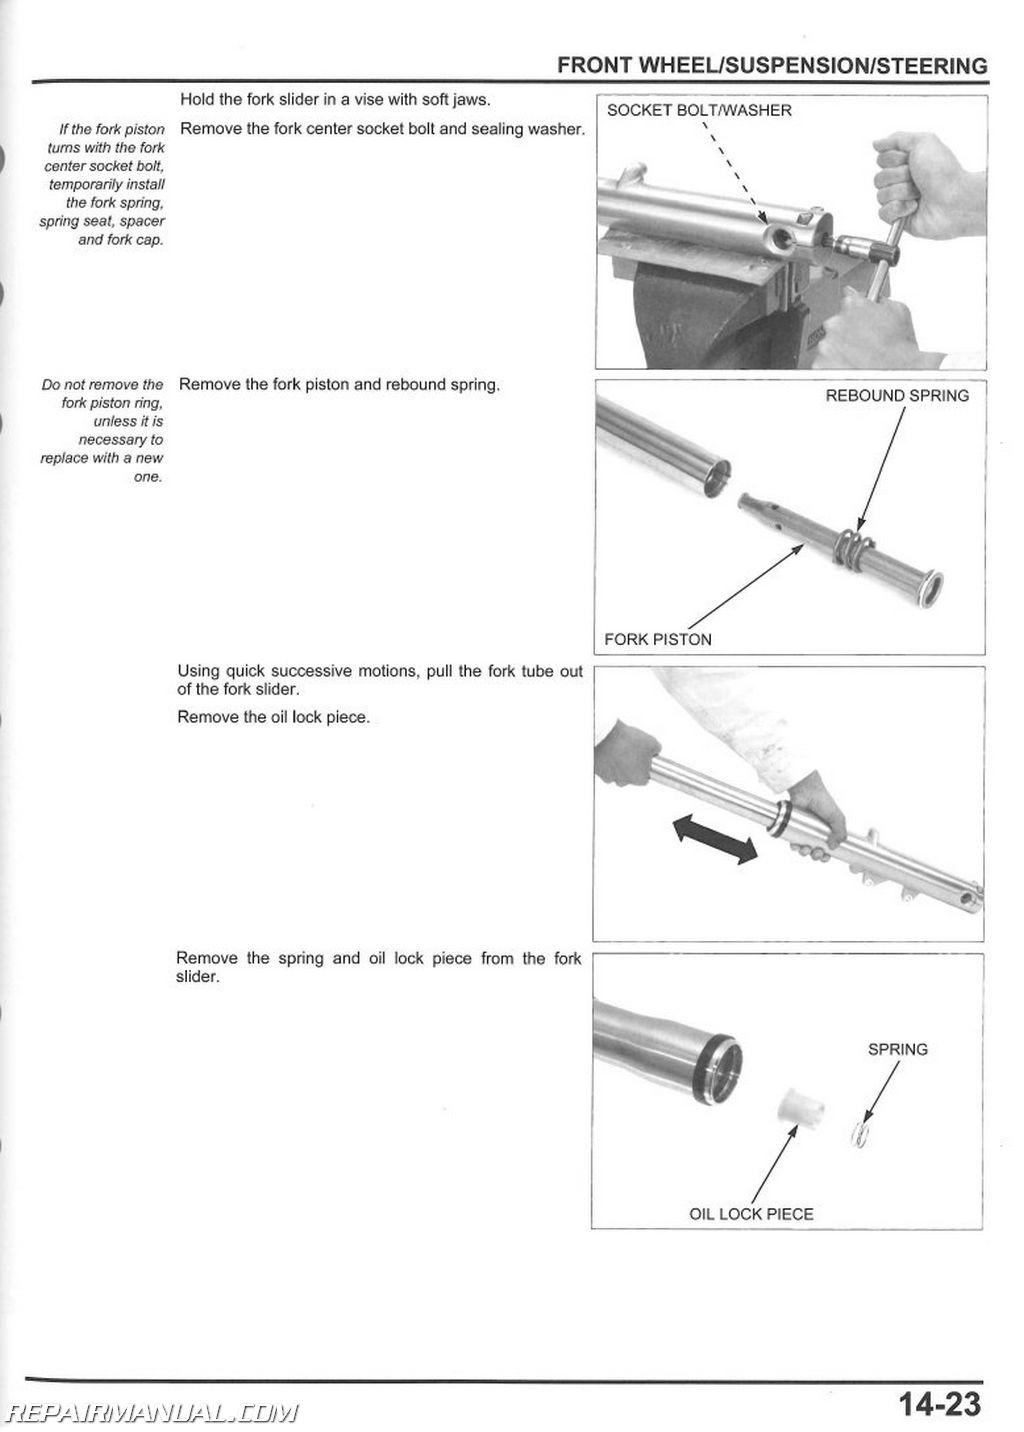 2011 2016 vt750c s shadow aero abs service manual repair manuals 2011 2014 vt750c s shadow aero abs service manual page 1